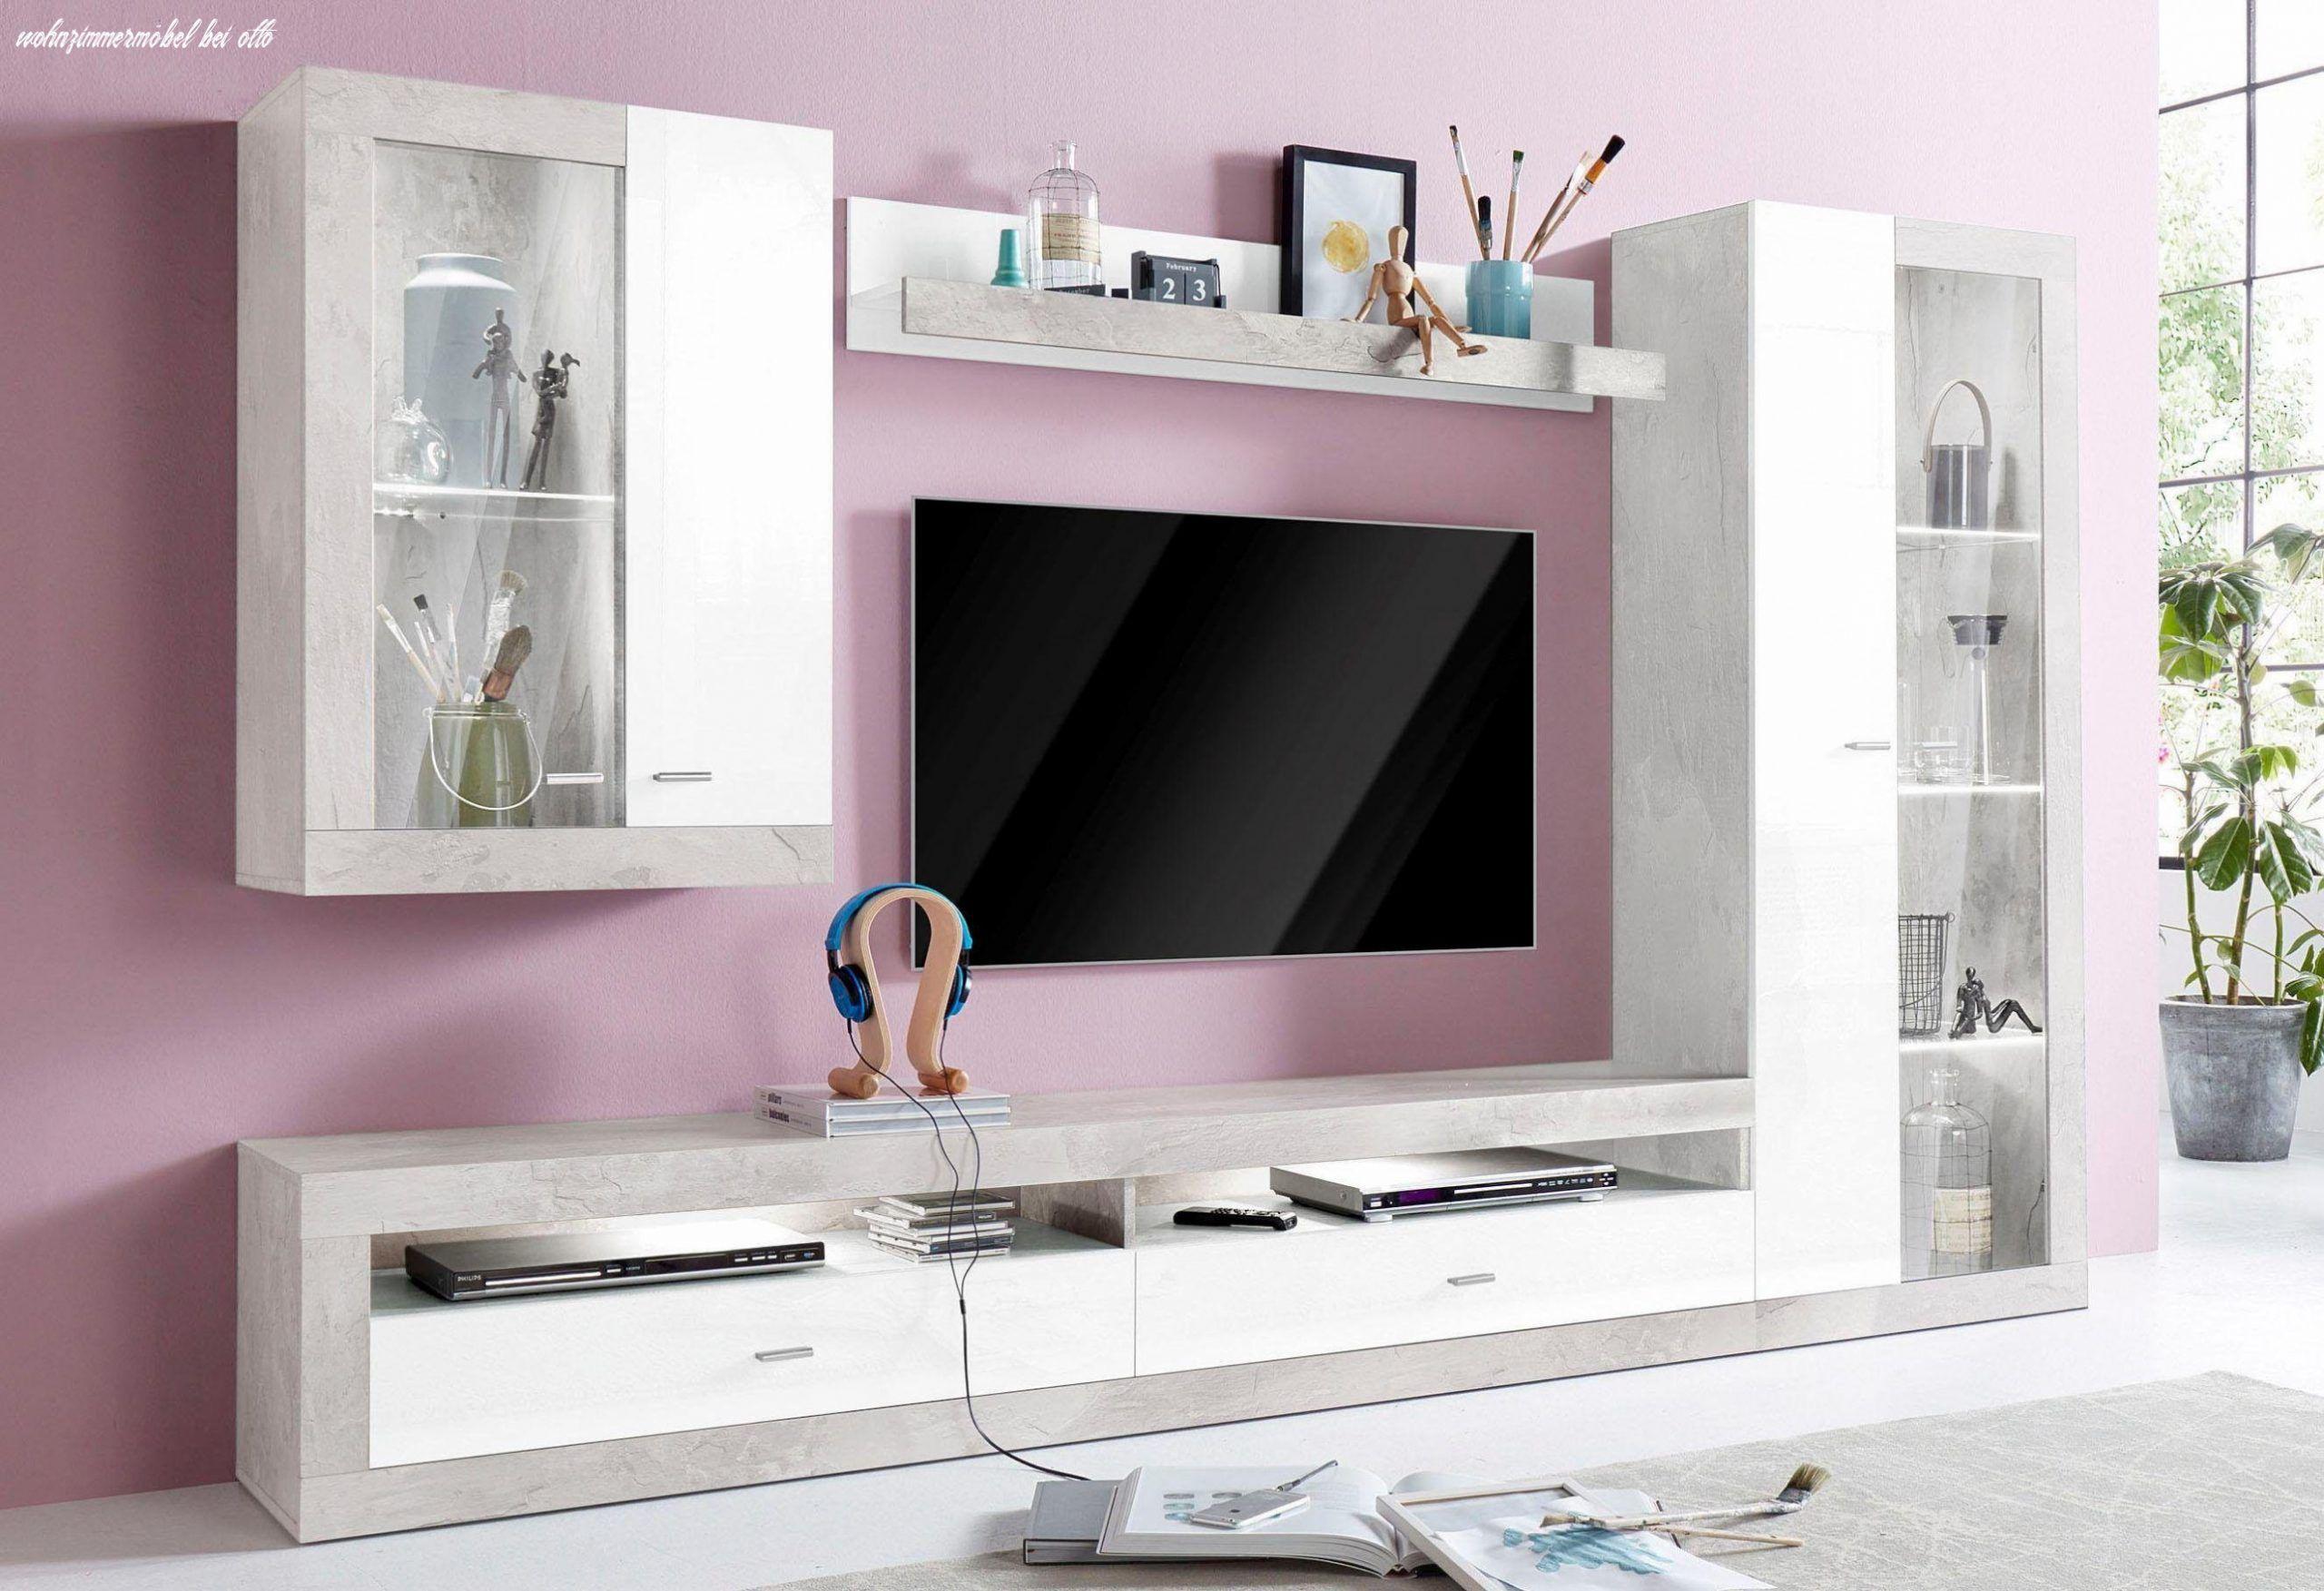 Zehn Fakten Uber Wohnzimmermobel Bei Otto Die Sie Umhauen Werden In 2020 Living Room Decor Cozy Living Room Tv Wall Living Room Tv Unit Designs